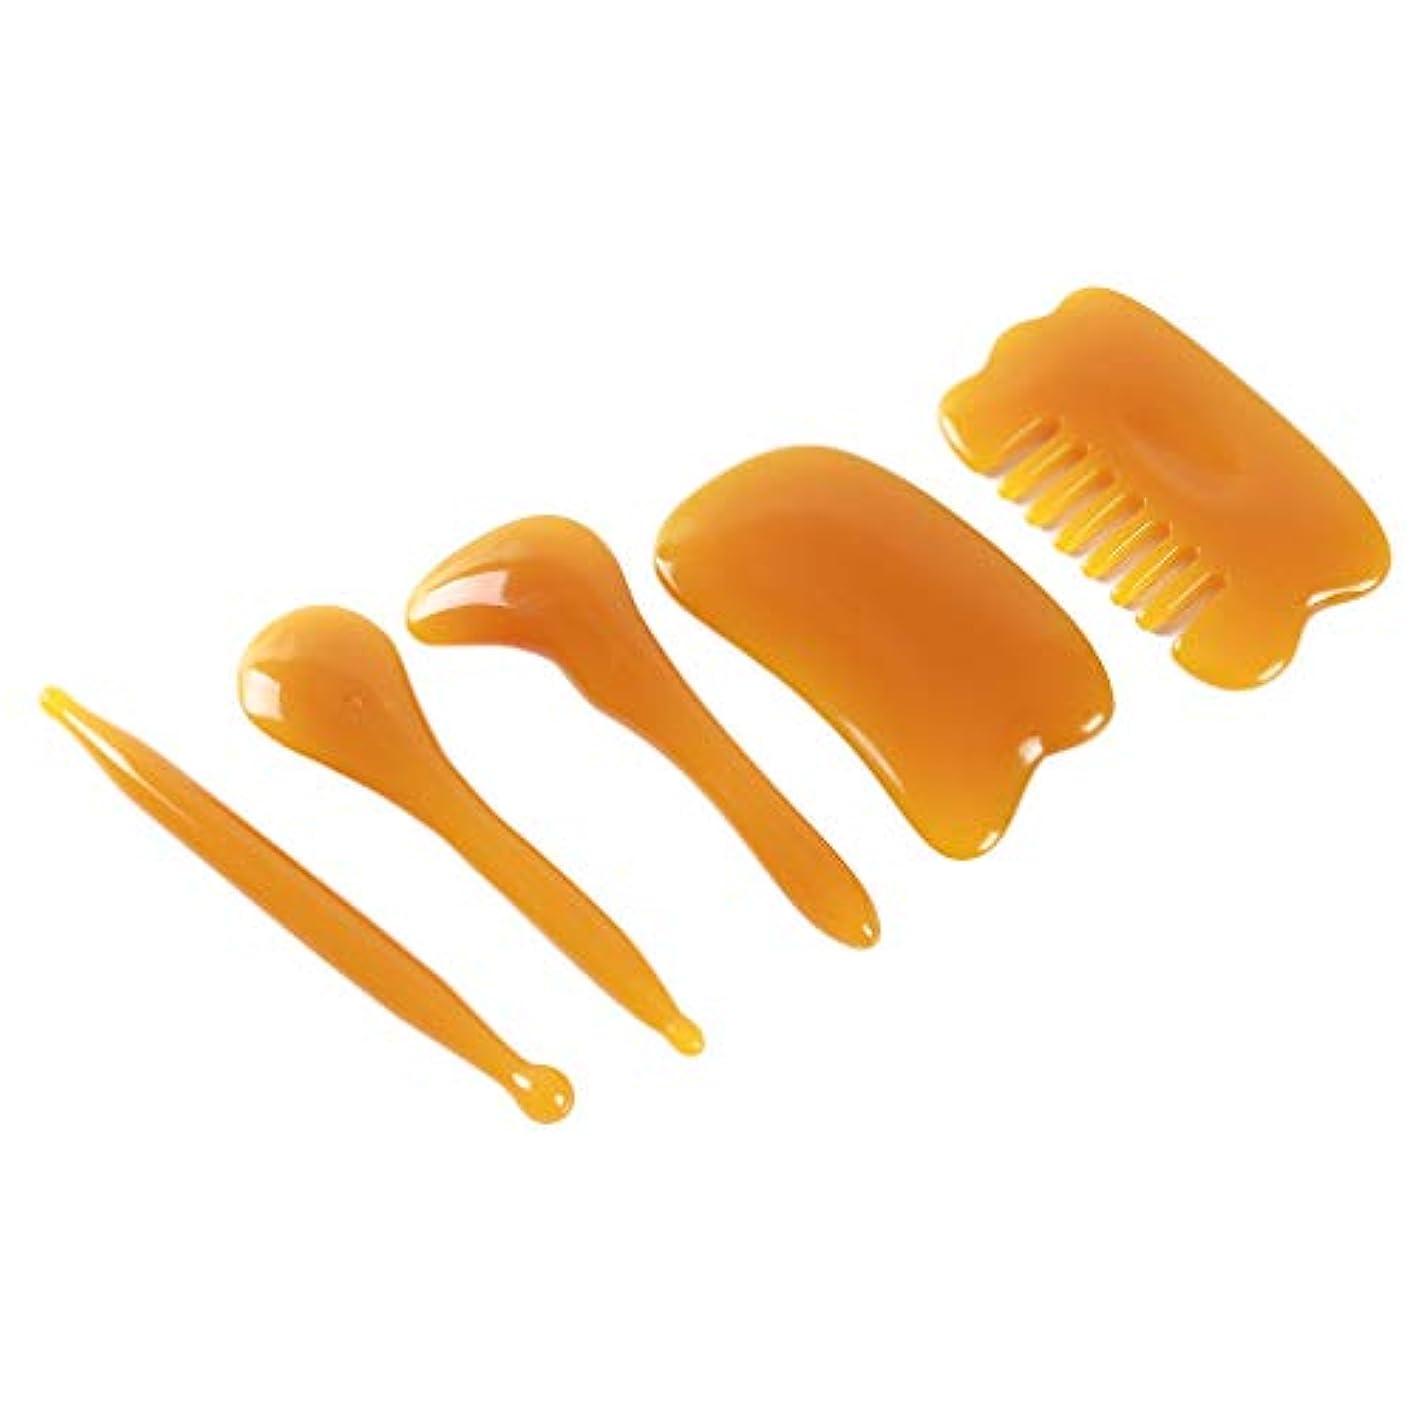 対象材料アンビエントMARUIKAO 5点セット 刮痧サージボード カッサリフトプレート かっさプレート 美容 小顔 美肌カッサ美顔器